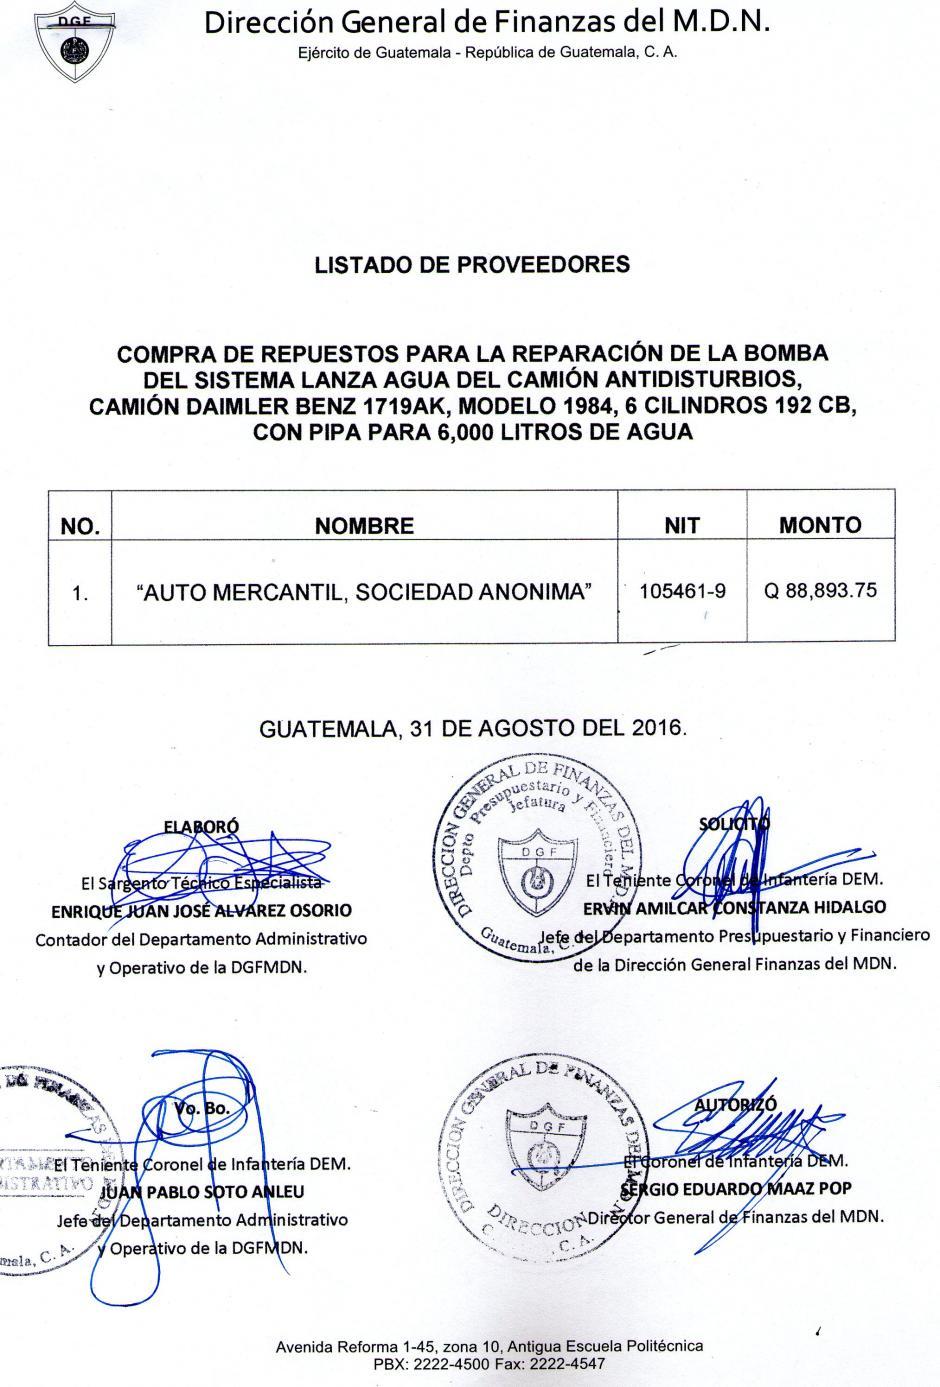 Estos documentos se adjuntaron a la compra de los repuestos. (Foto: Guatecompras)